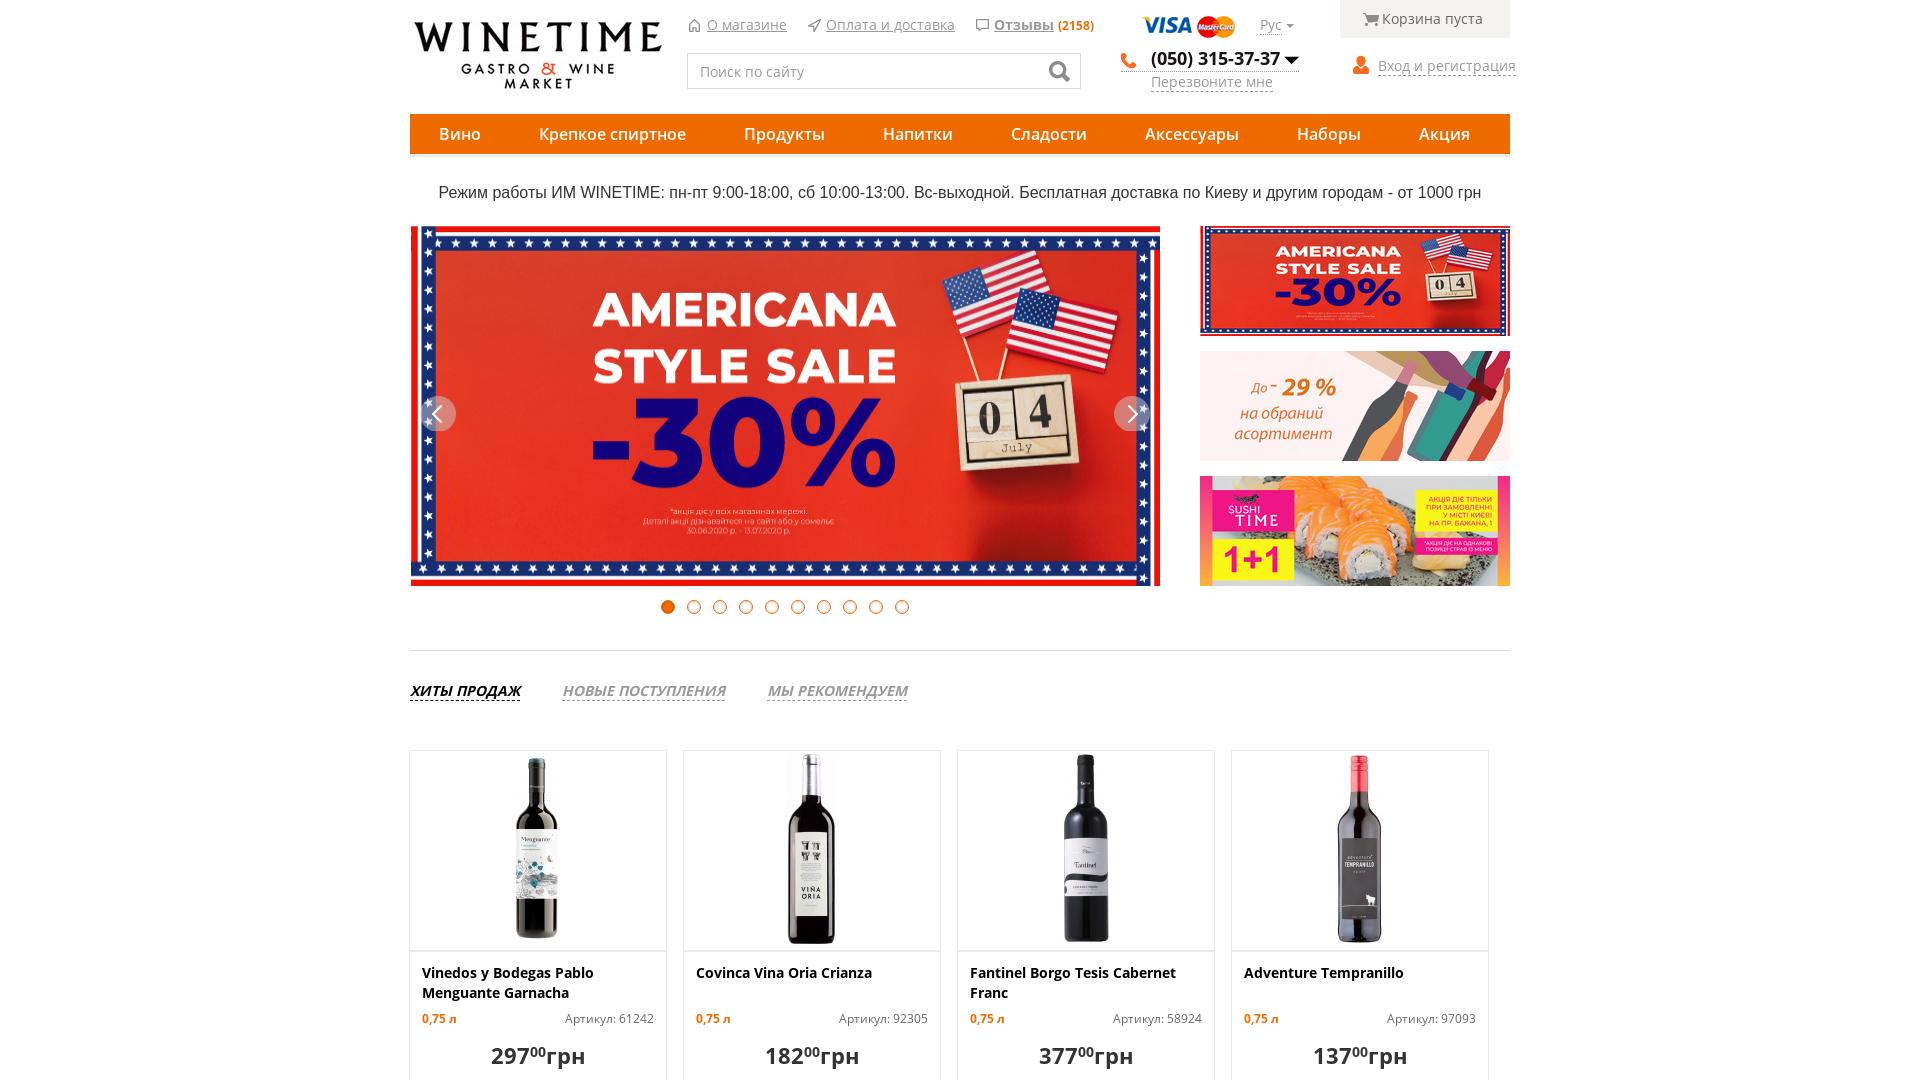 Winetime UA website